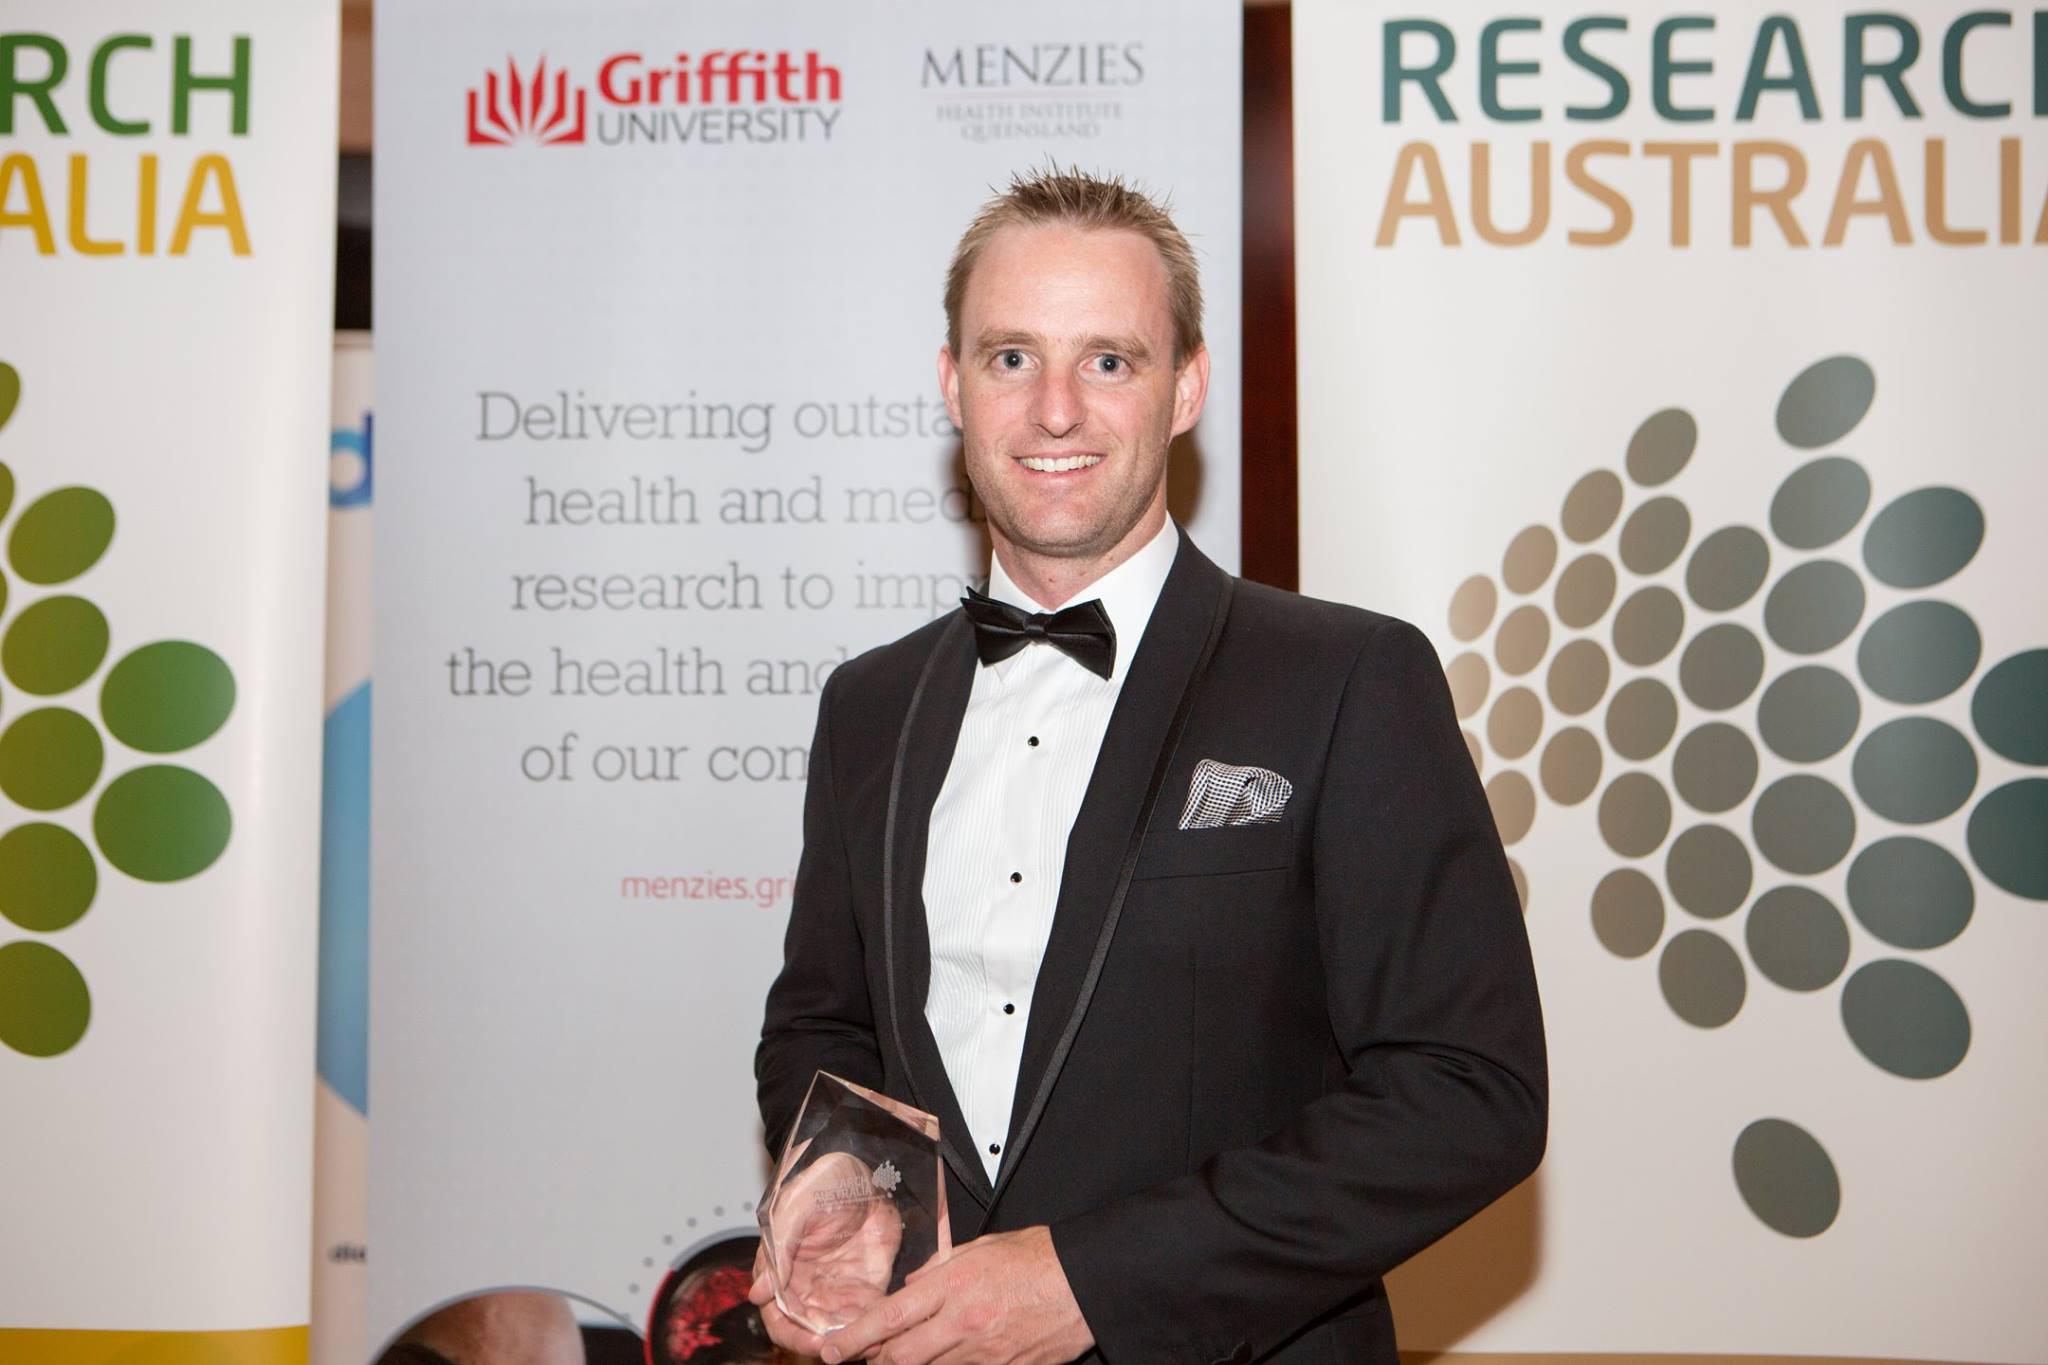 2015 Discovery Award Winner: Dr Andrew Gardner